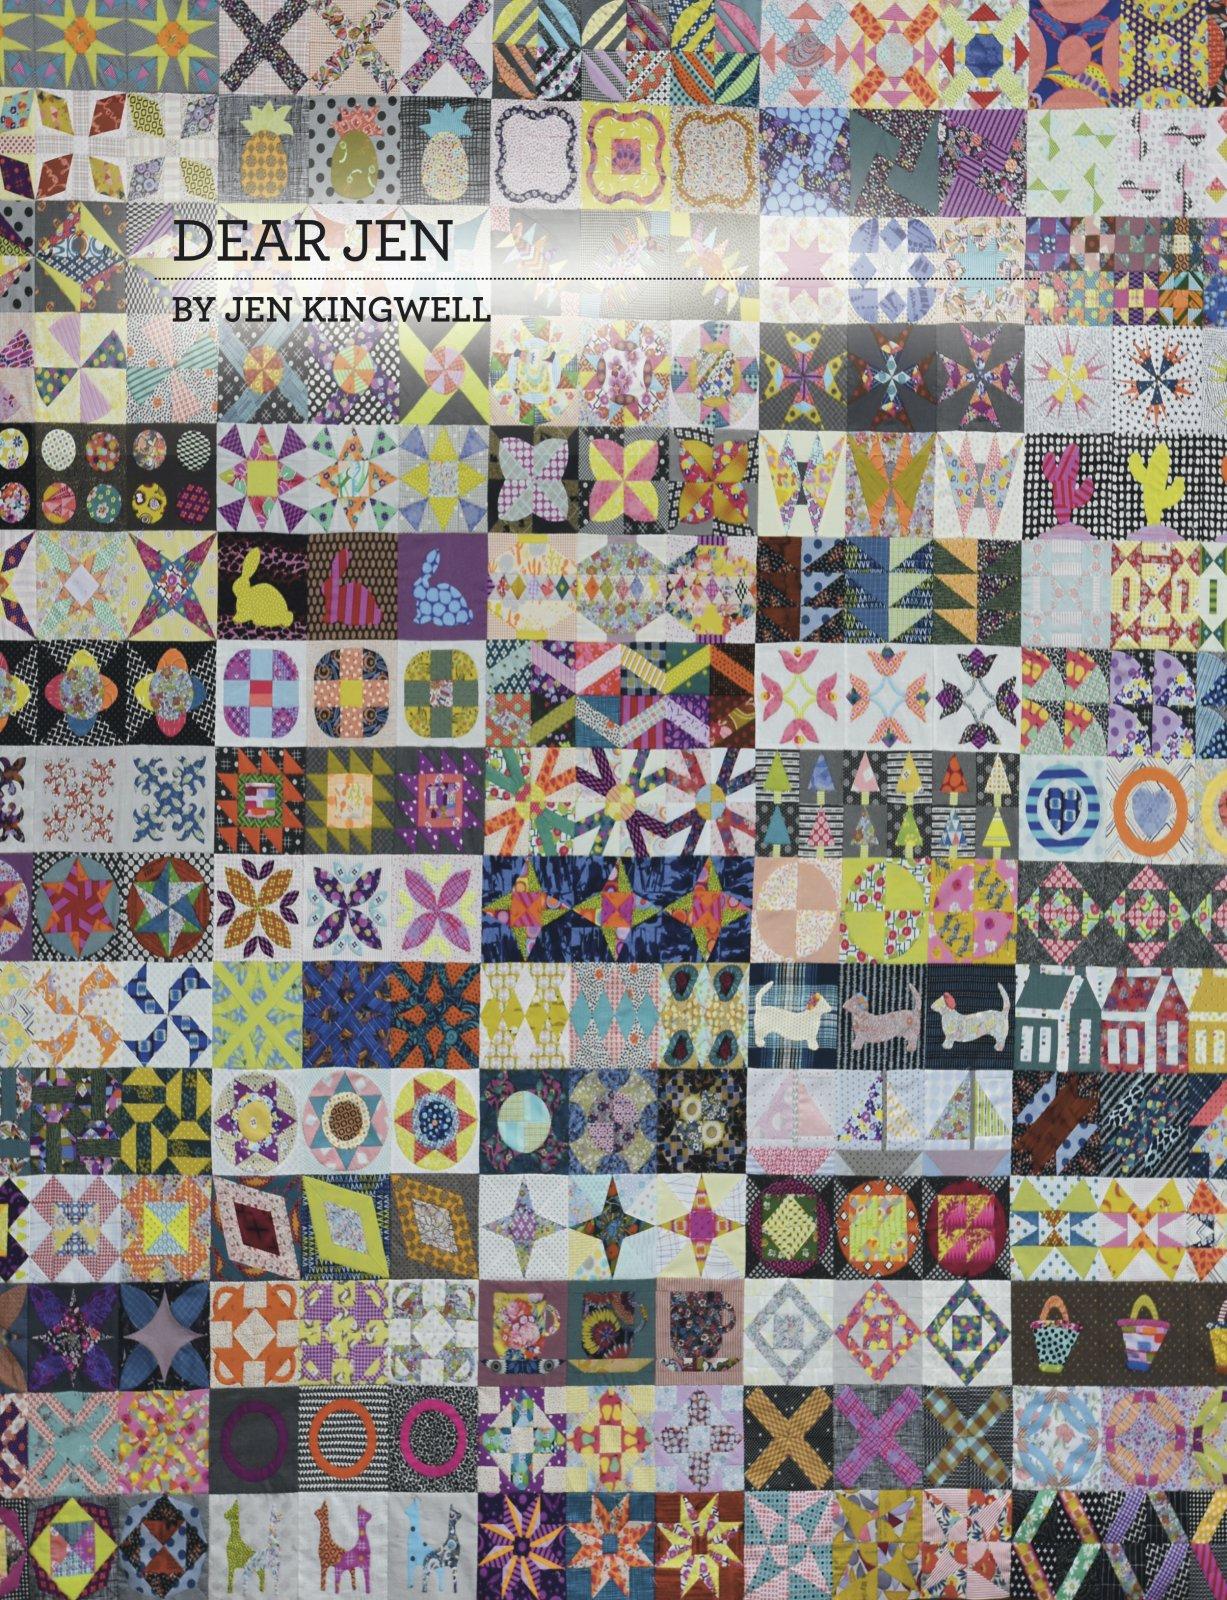 Dear Jen Booklet by Jen Kingwell